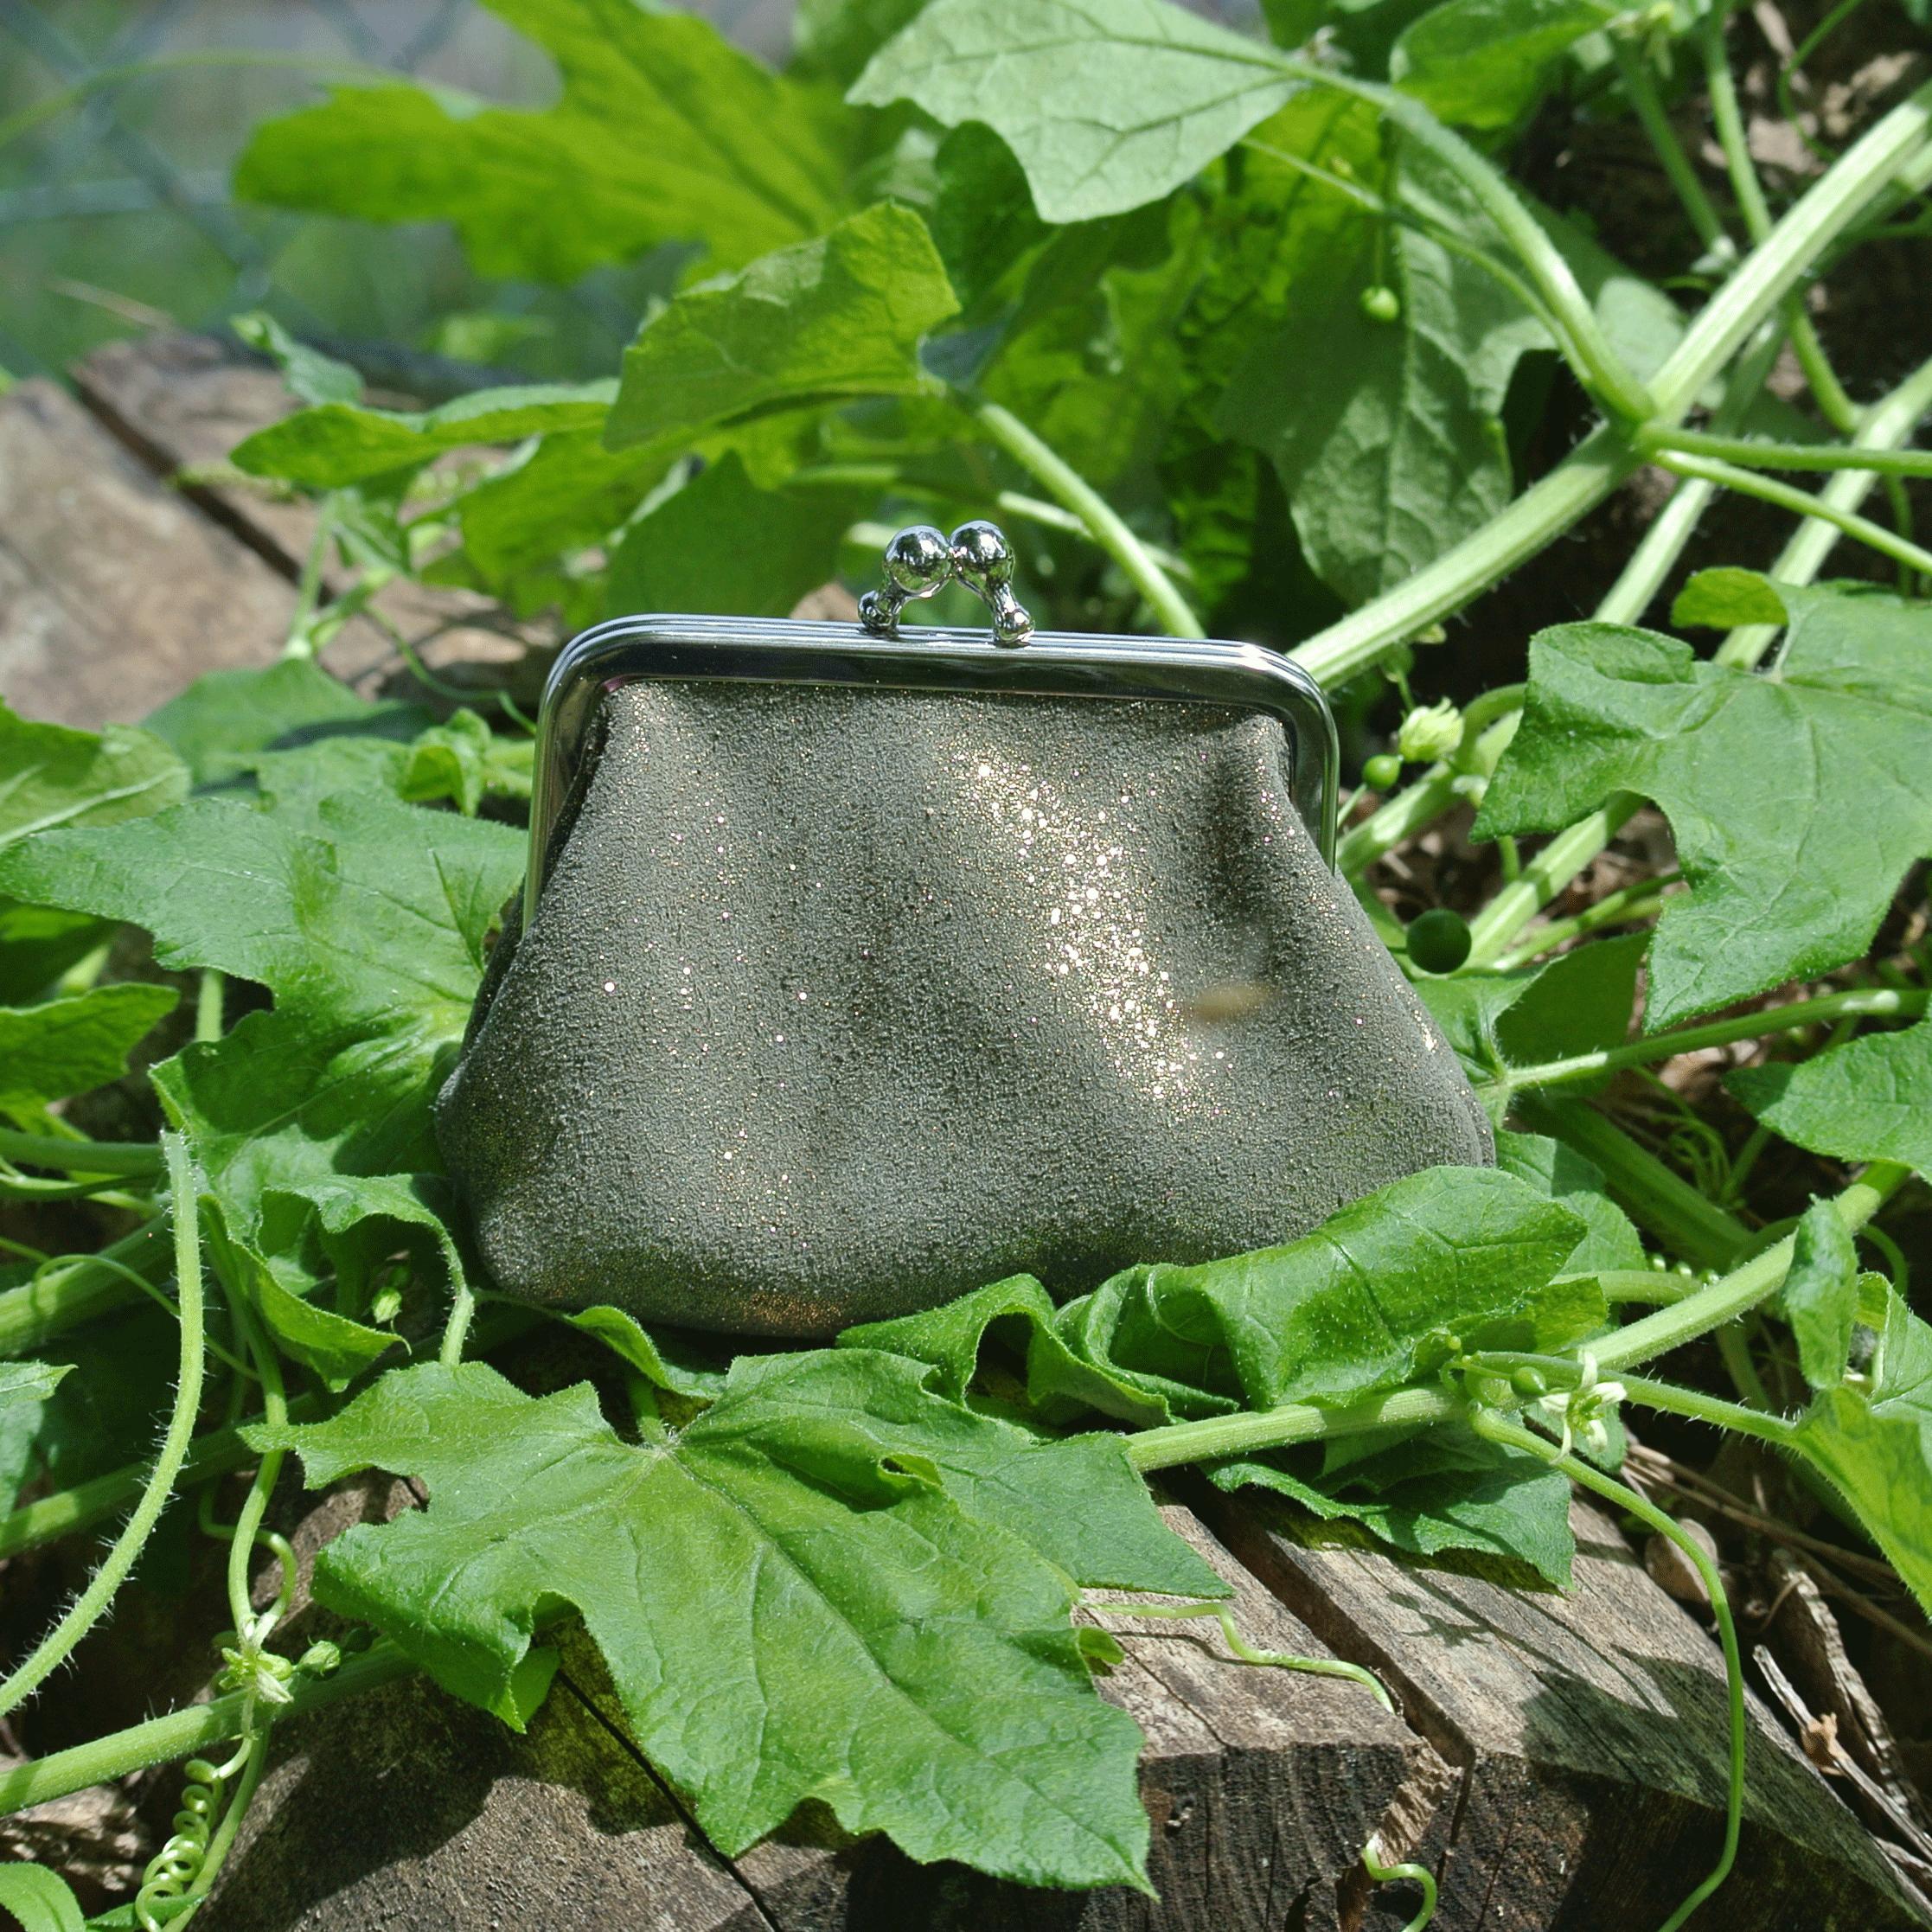 la-cartabliere-fabrique-en-france-made-in-france-porte-monnaie-reine-en-cuir-paillete-vert-doré